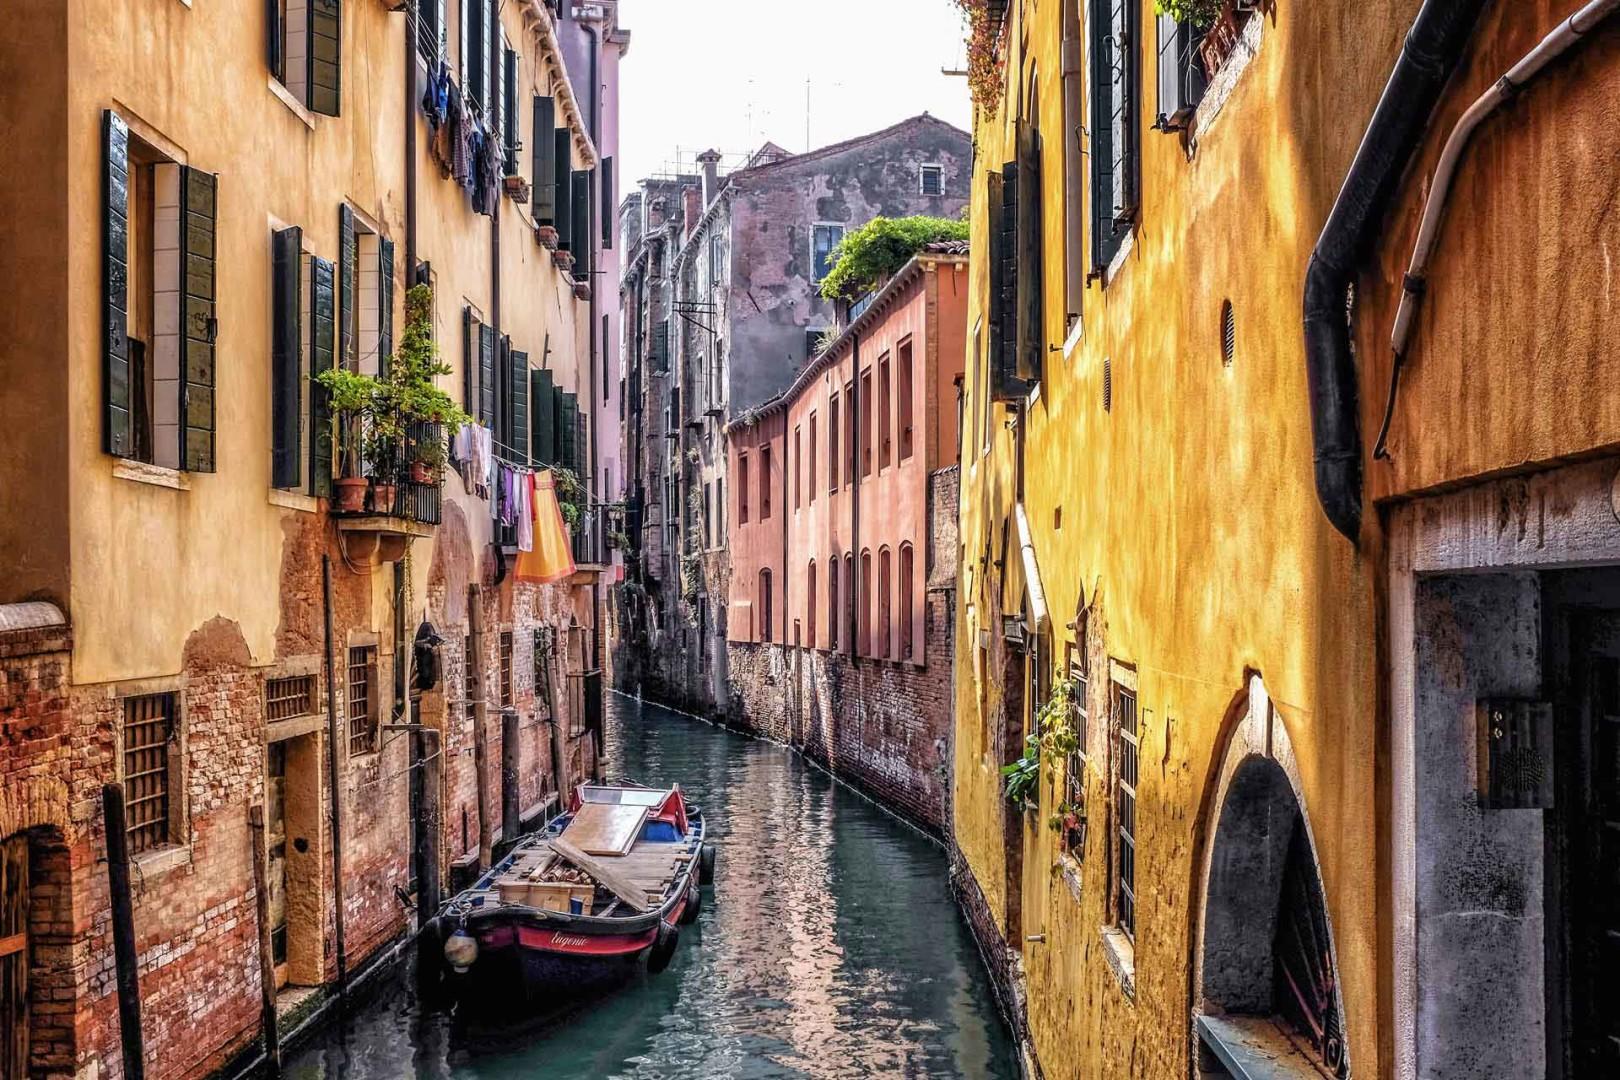 Canal boat Venice Italy